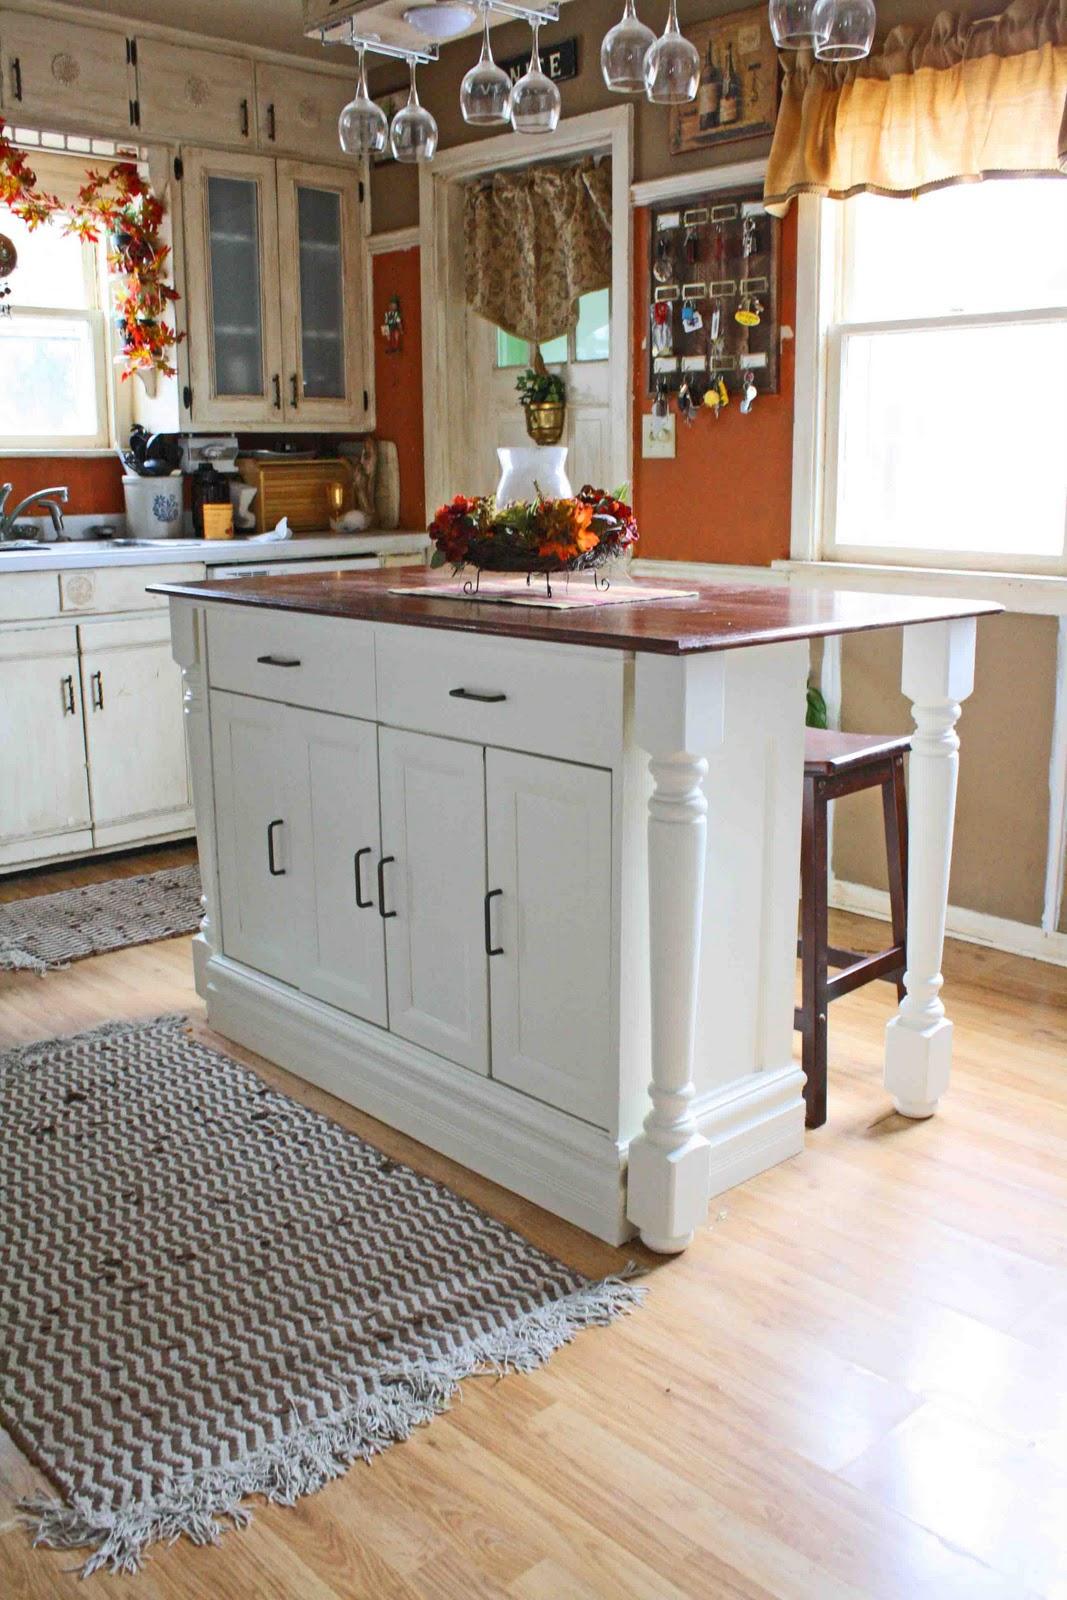 Superwoman kitchen island revamp - Cheap kitchen island ideas ...